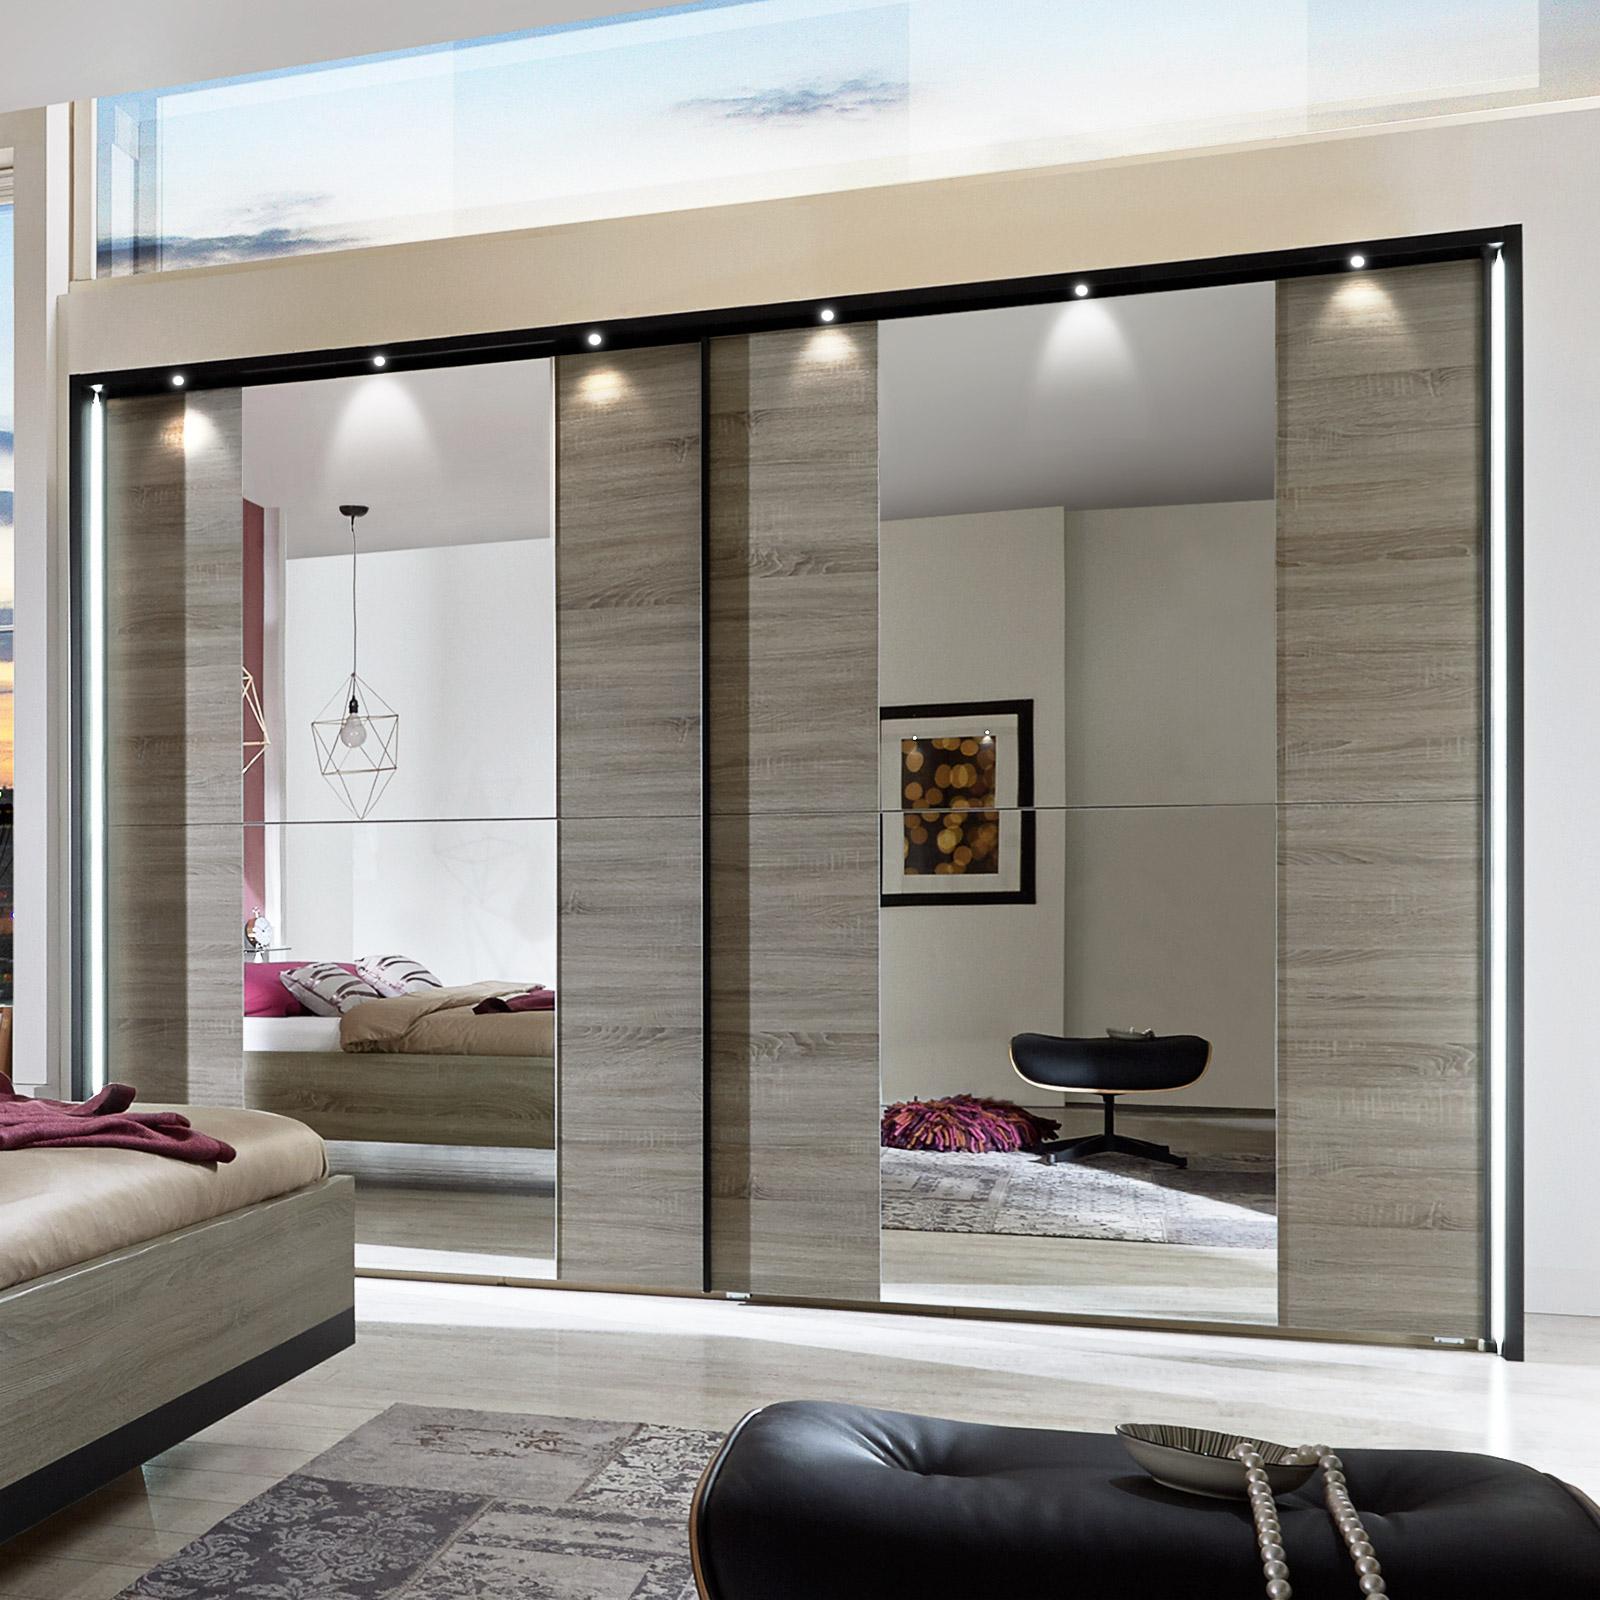 Full Size of Moderner Schlafzimmerschrank Mit Schiebetren Und Spiegel Korba Wohnzimmer Schlafzimmerschränke